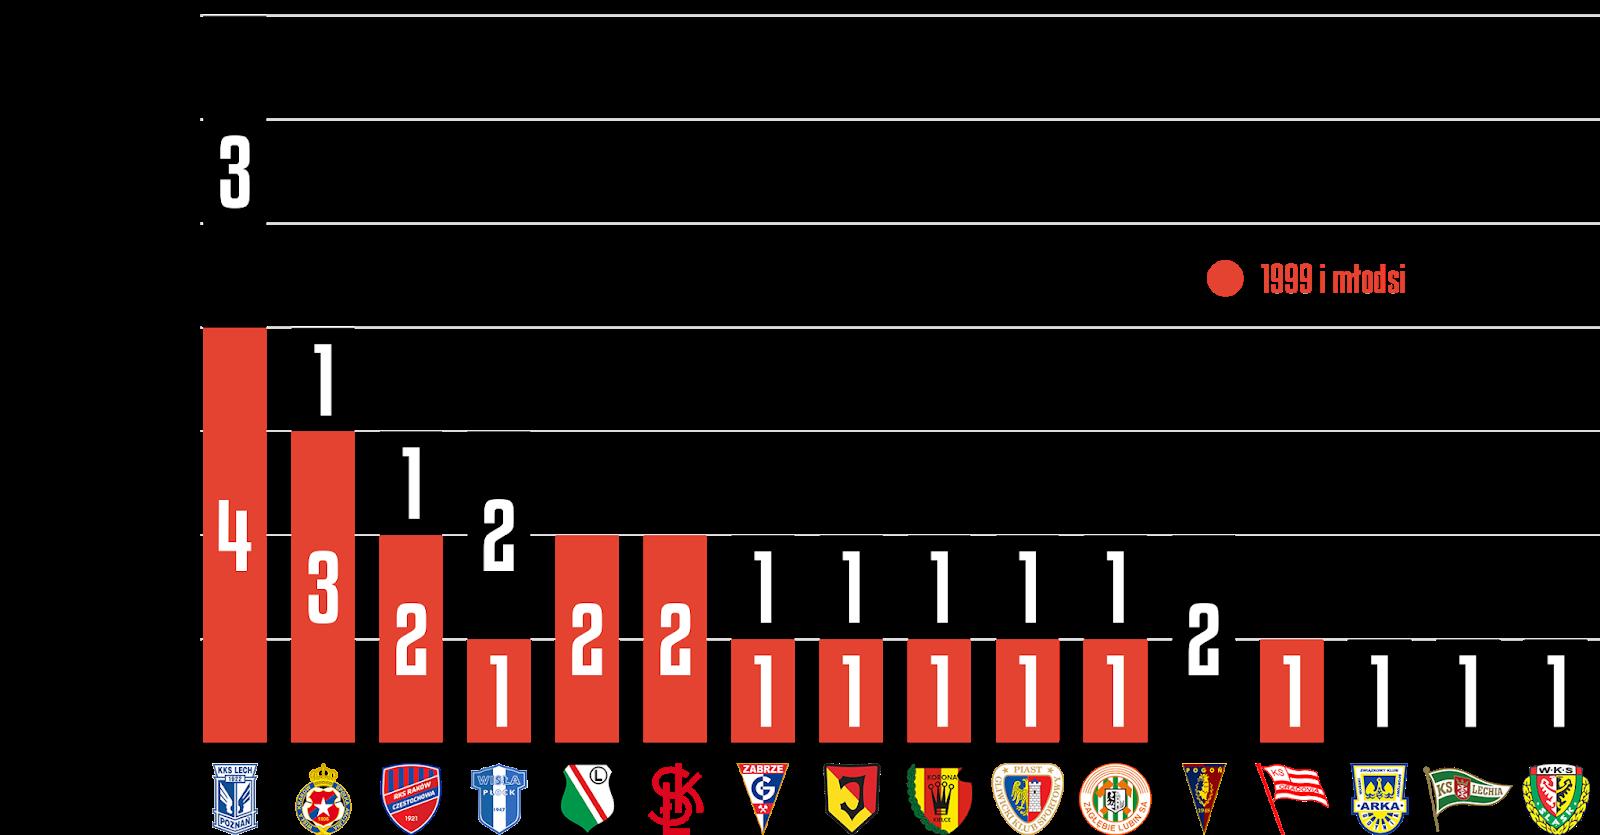 Młodzieżowcy w 11. kolejce PKO Ekstraklasy<br><br>Źródło: Opracowanie własne na podstawie ekstrastats.pl<br><br>graf. Bartosz Urban